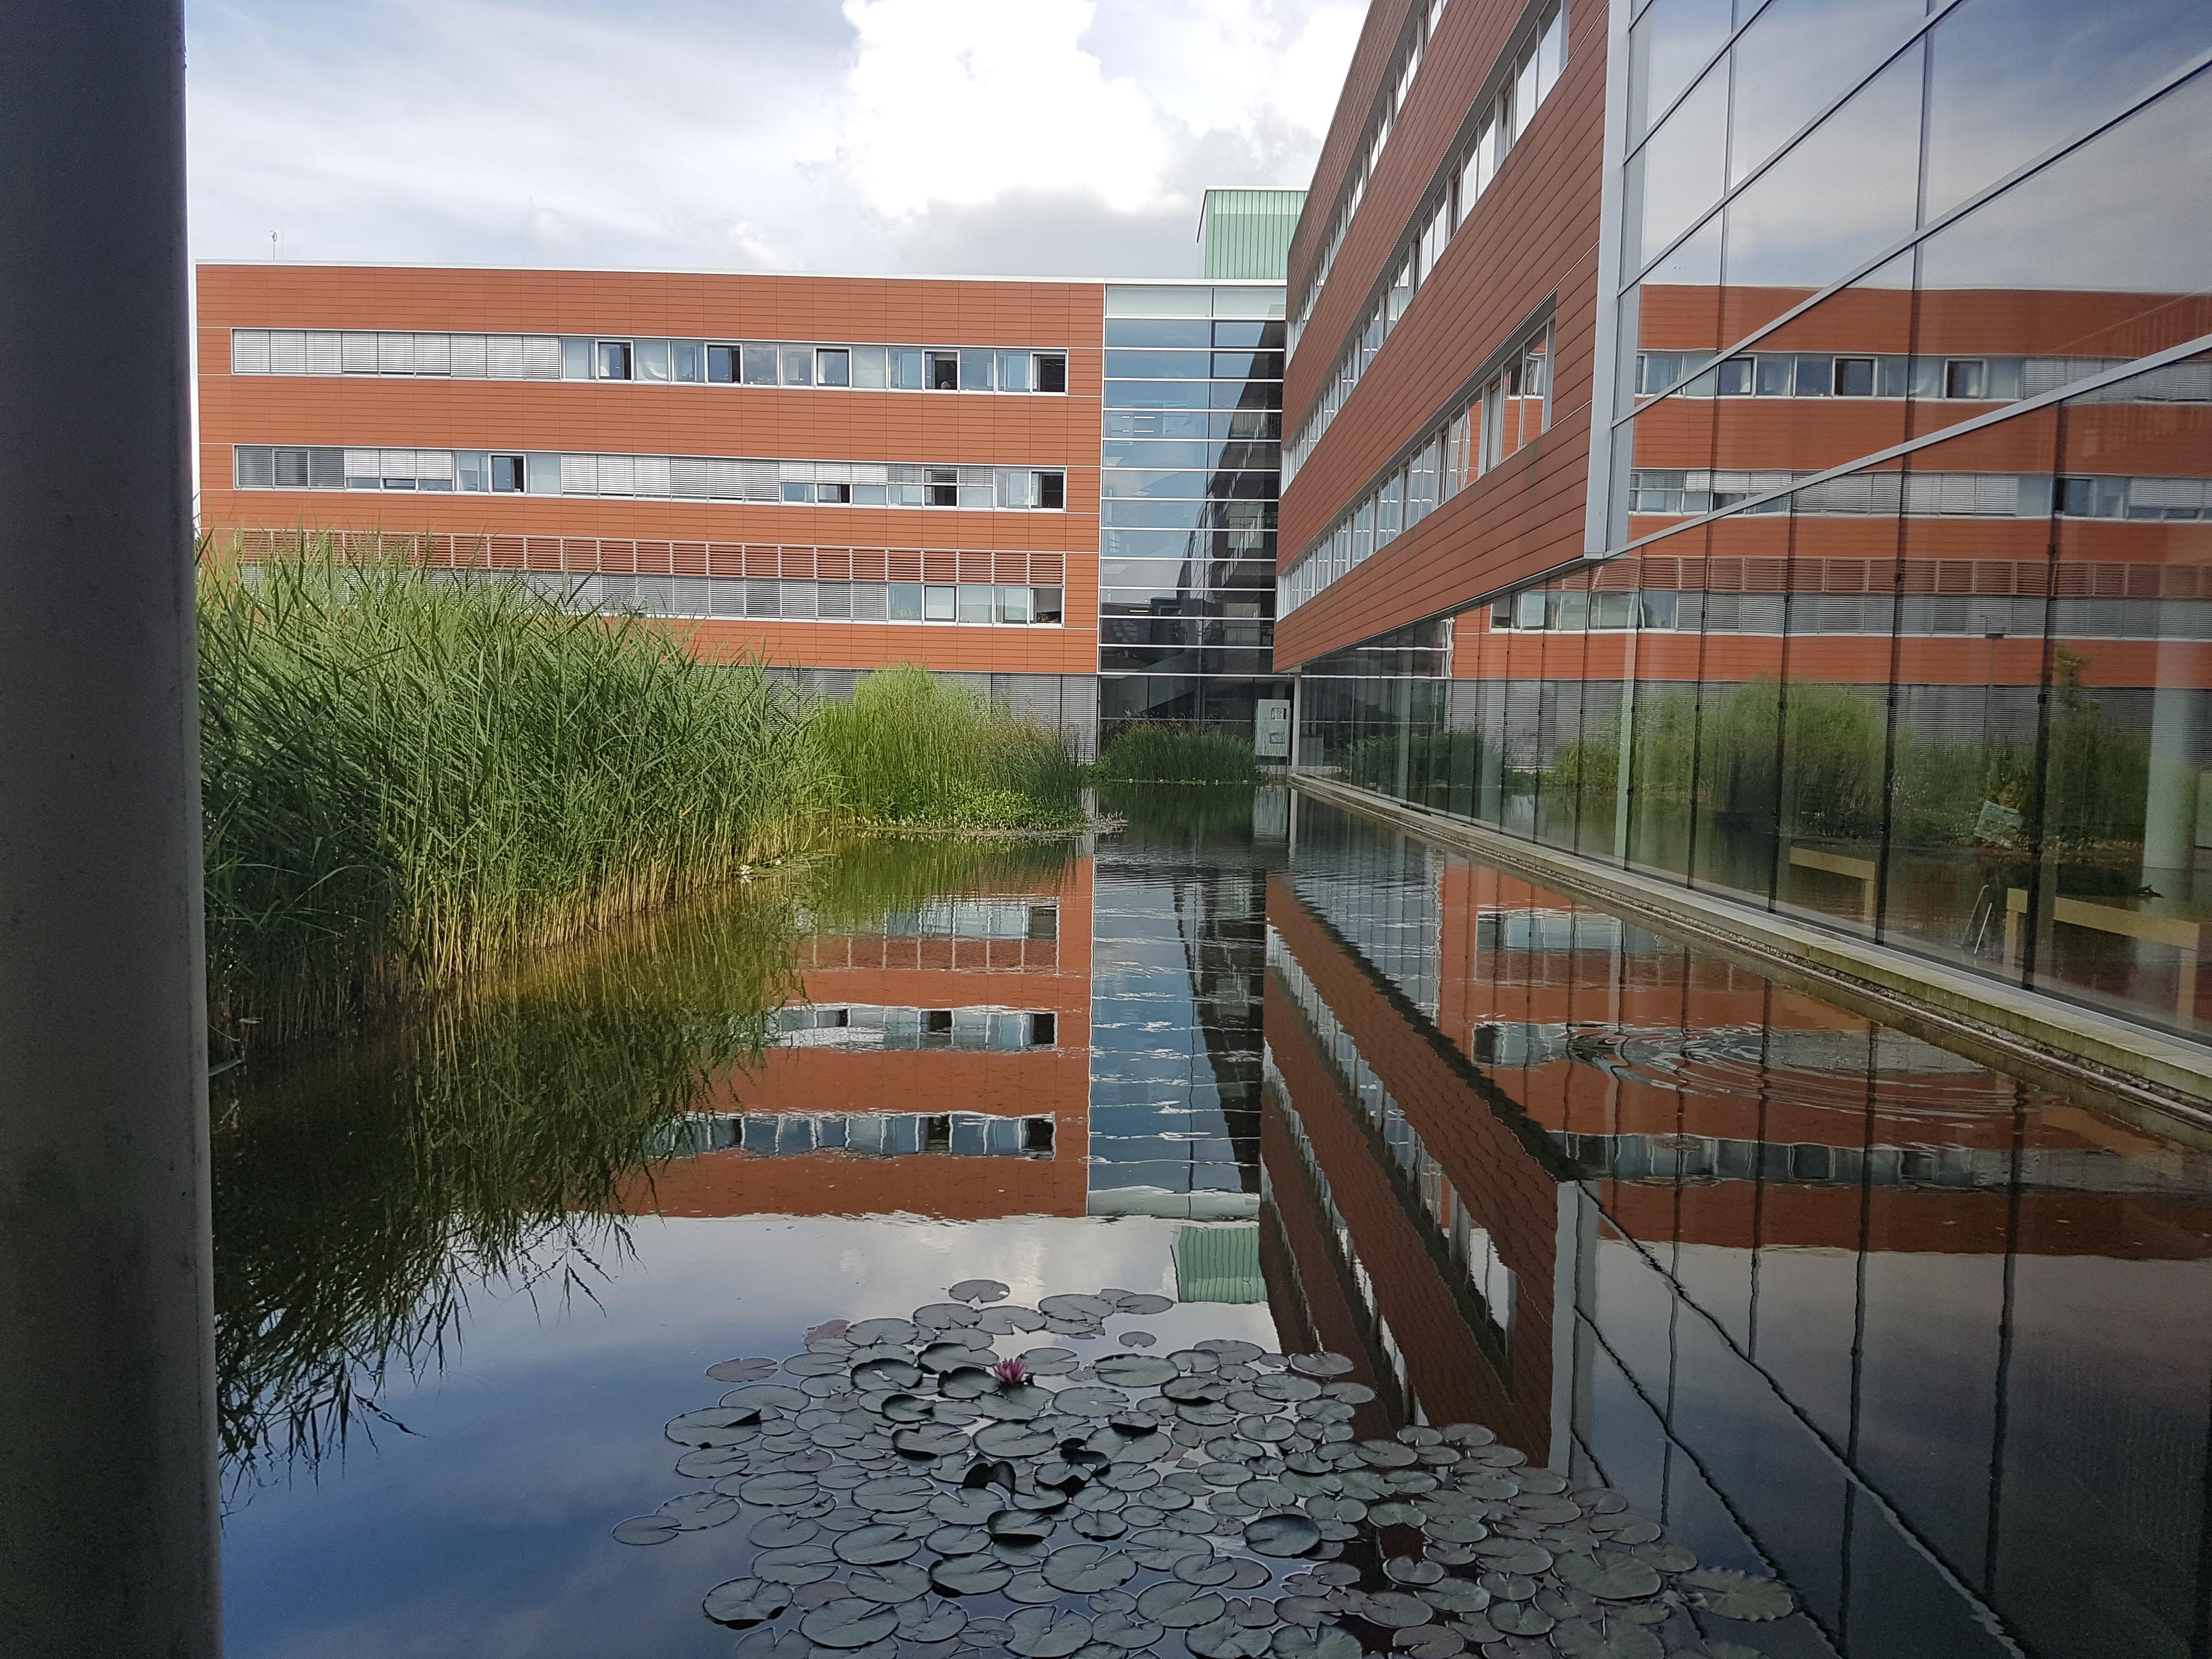 Fakultät für Biologie der LudwigsMaximilians-Universität in München -  Campus Martinsried.